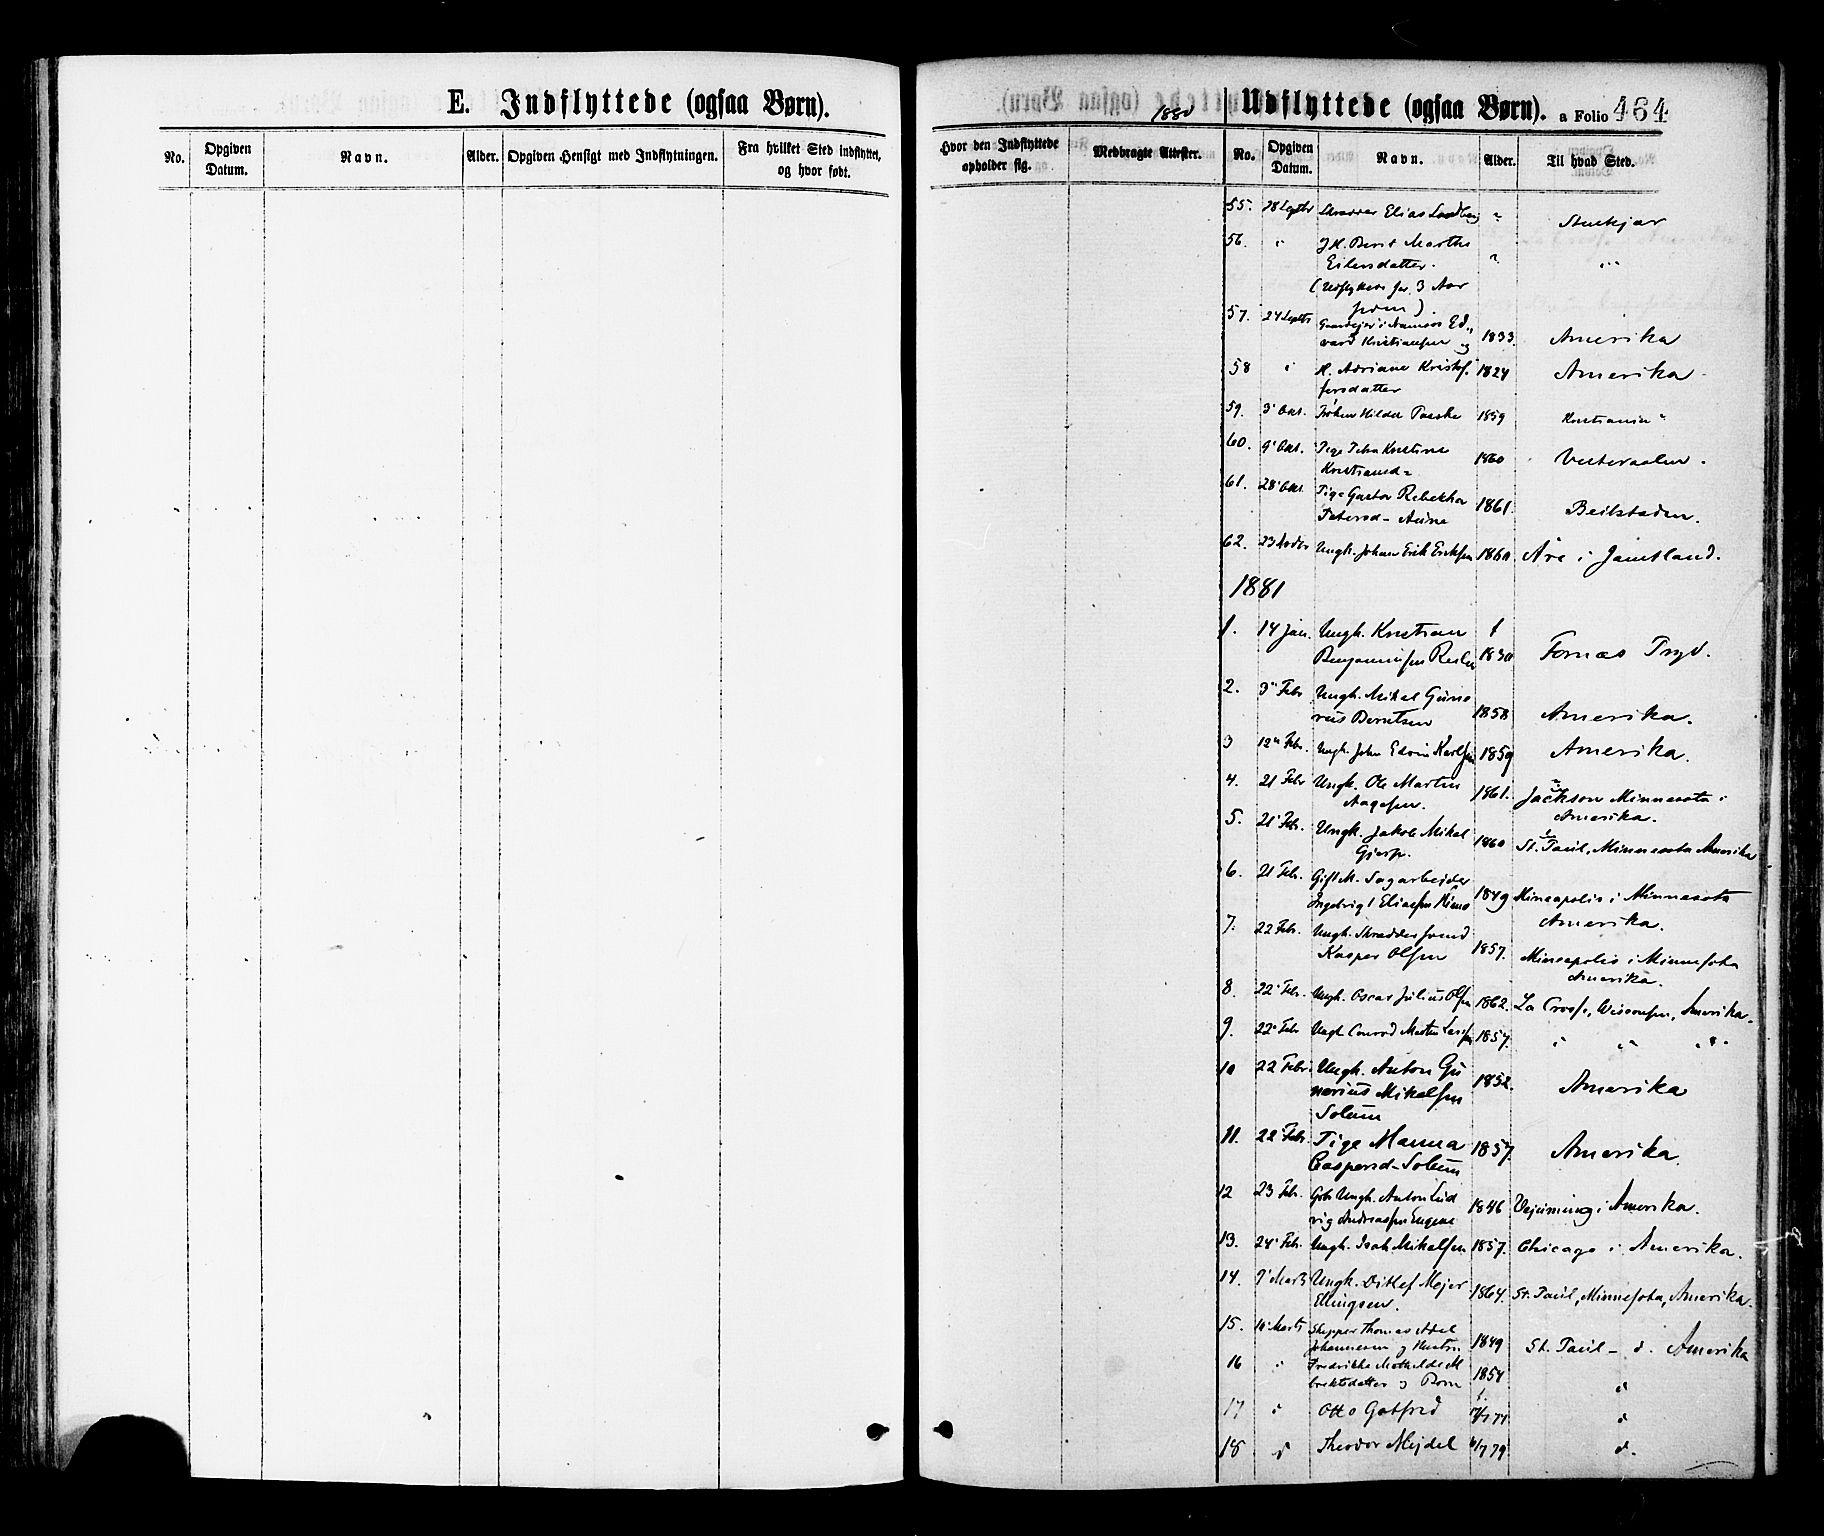 SAT, Ministerialprotokoller, klokkerbøker og fødselsregistre - Nord-Trøndelag, 768/L0572: Ministerialbok nr. 768A07, 1874-1886, s. 464